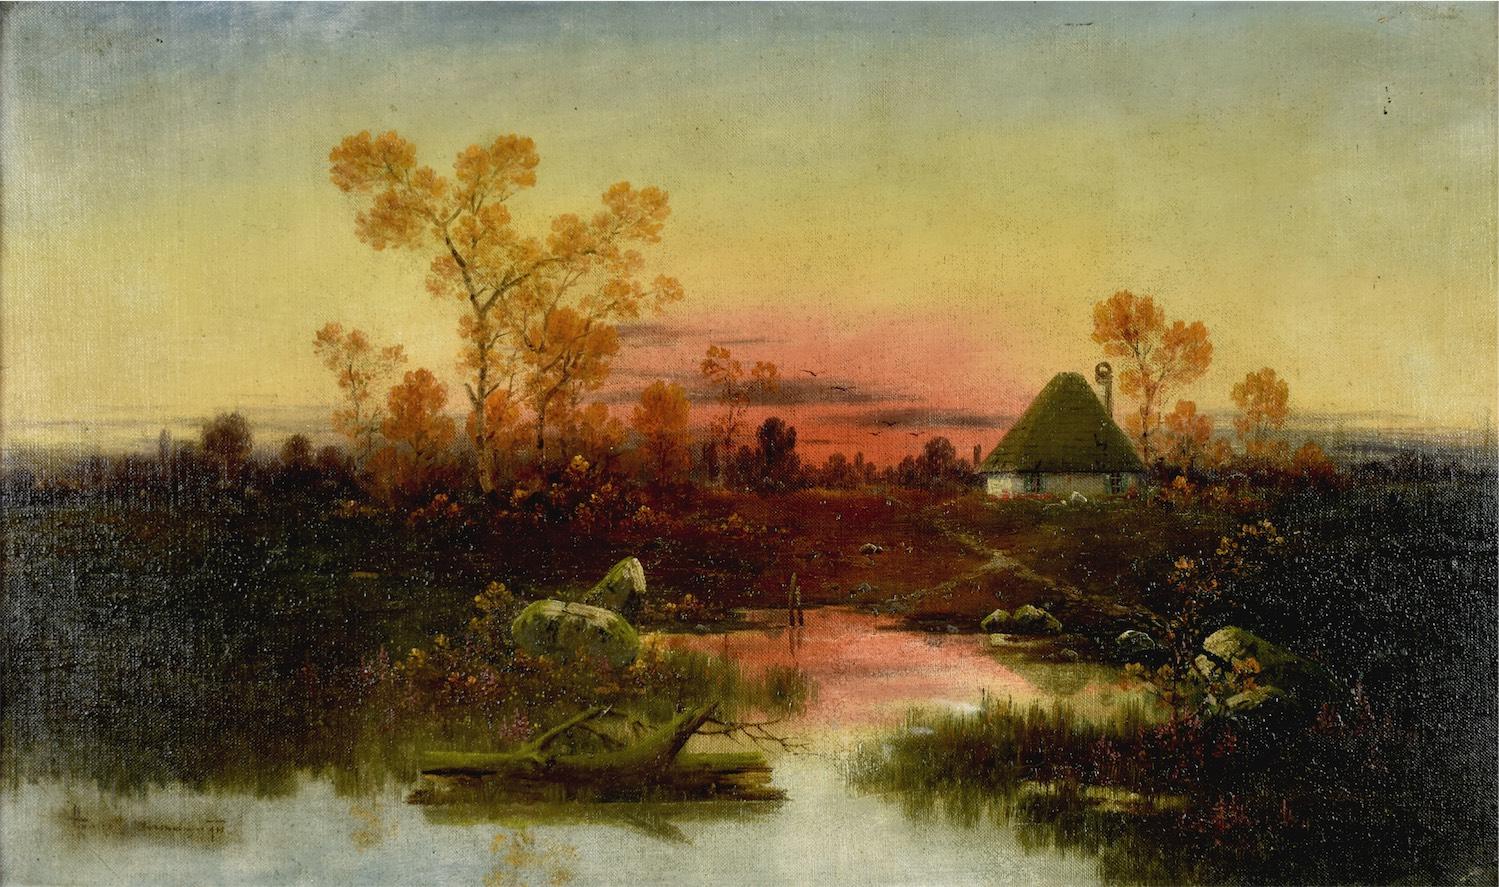 Pejzaż przedwieczorny, ok. 1900